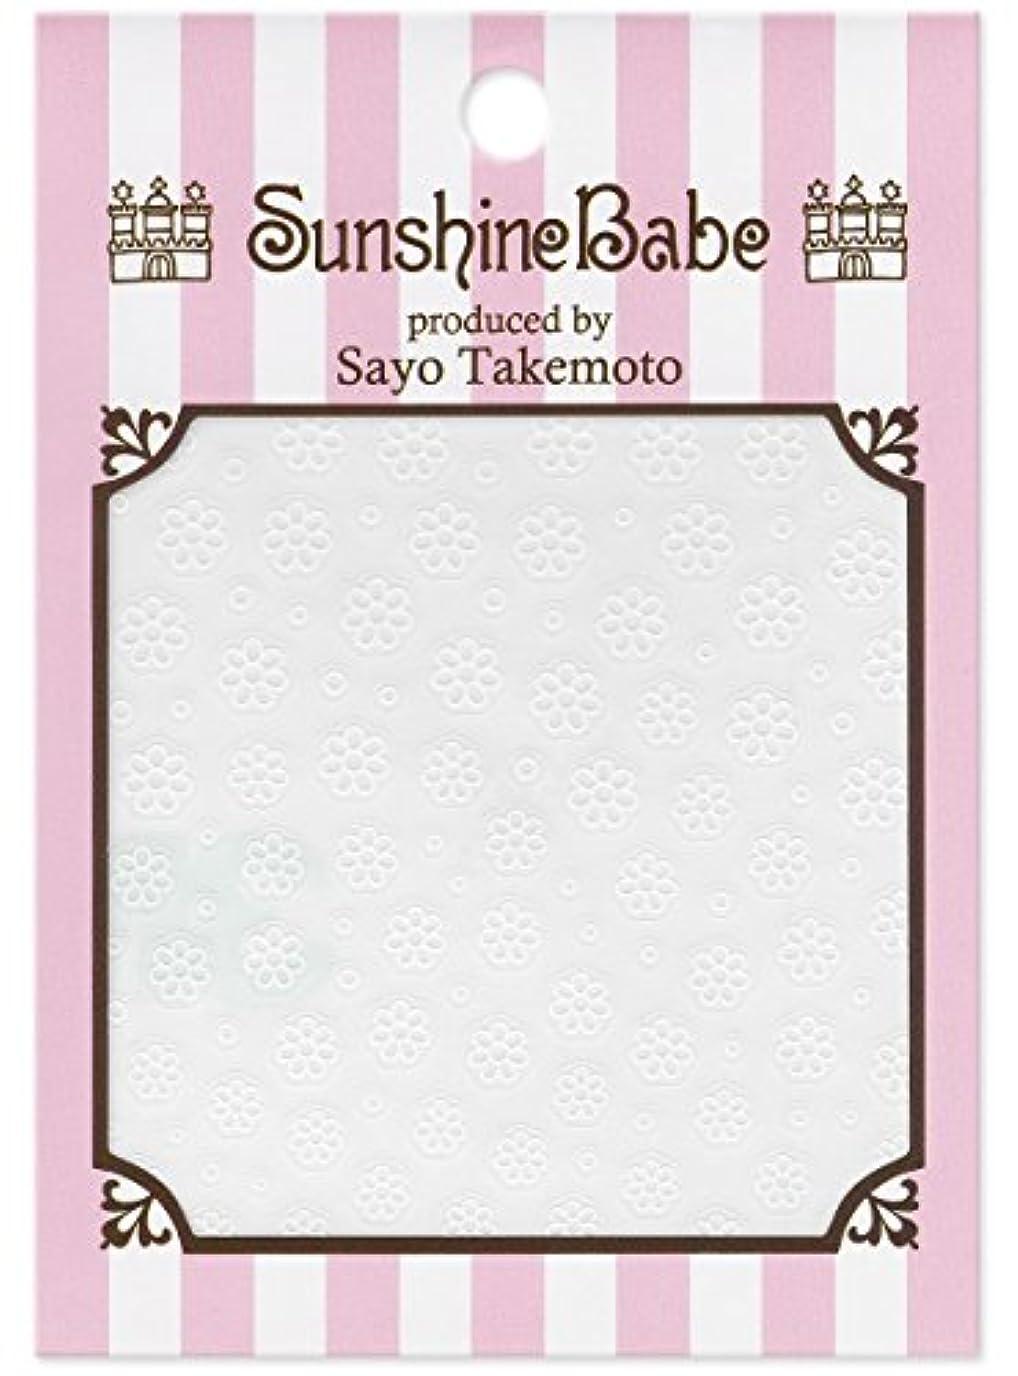 小屋つなぐ薄いですサンシャインベビー ジェルネイル 武本小夜のネイルシール Sayo Style フラワー ホワイト